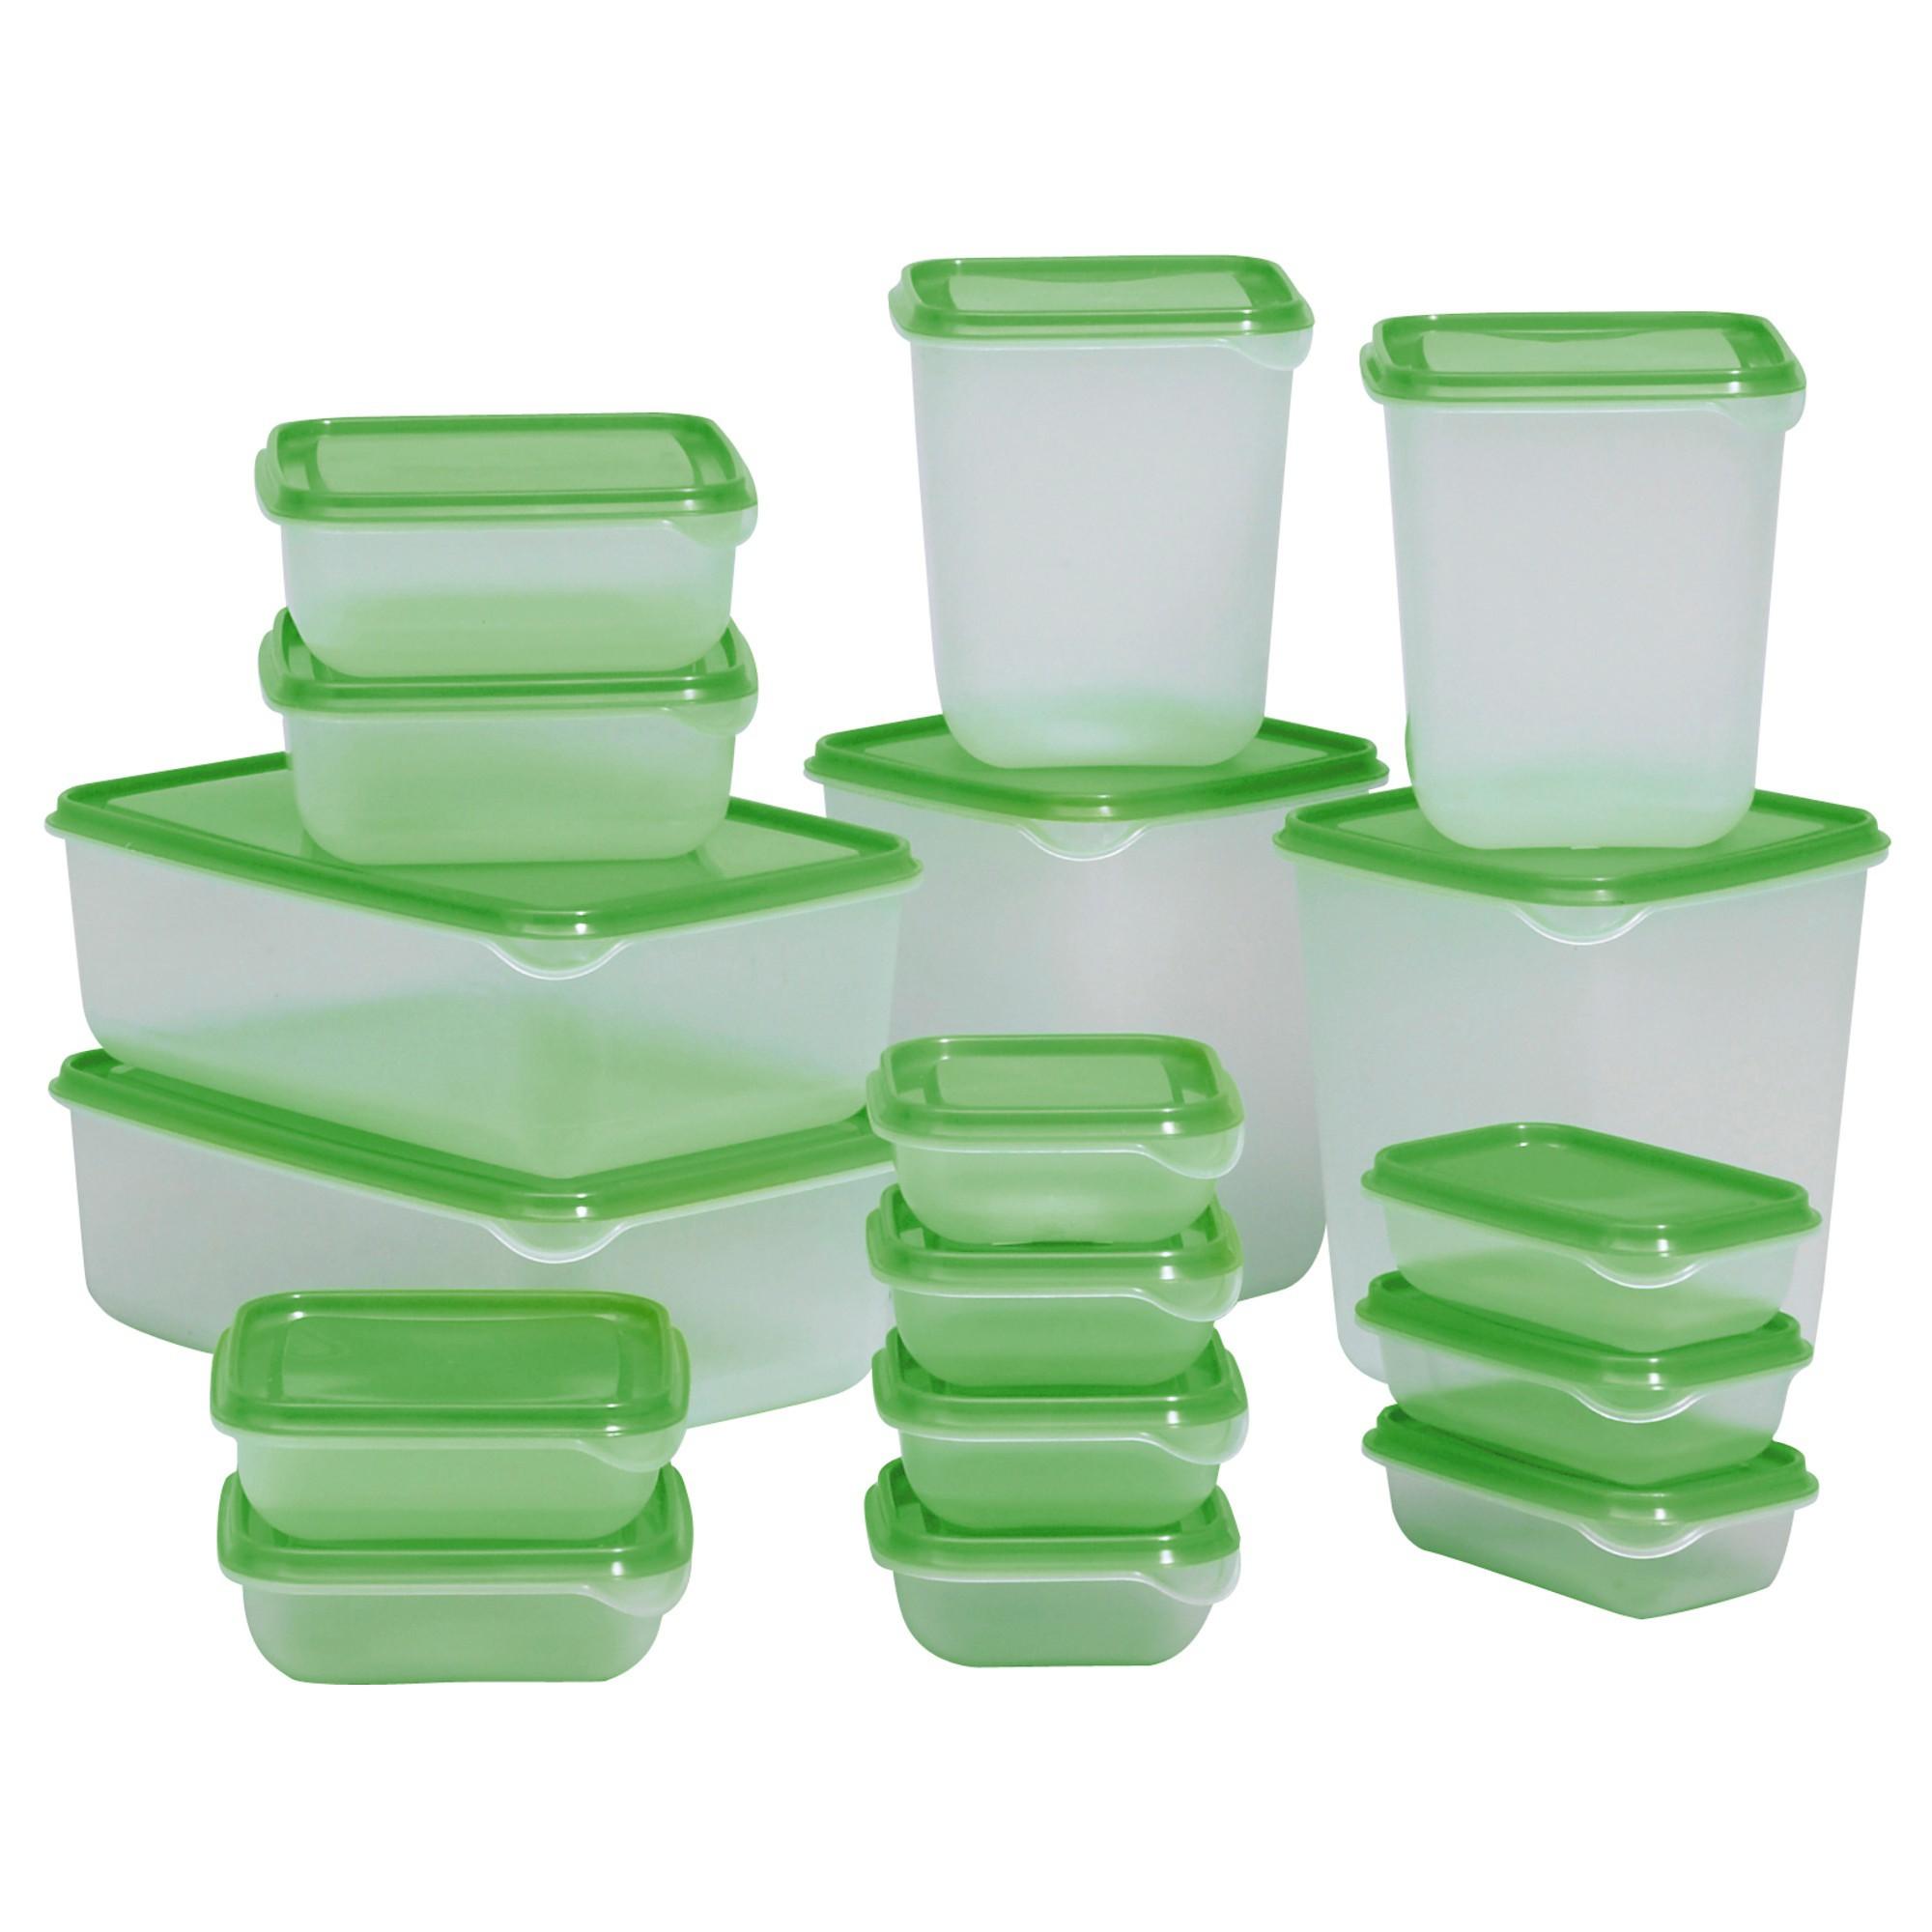 nádoby na potraviny 17 ks priehľadné zelené megamix.sk